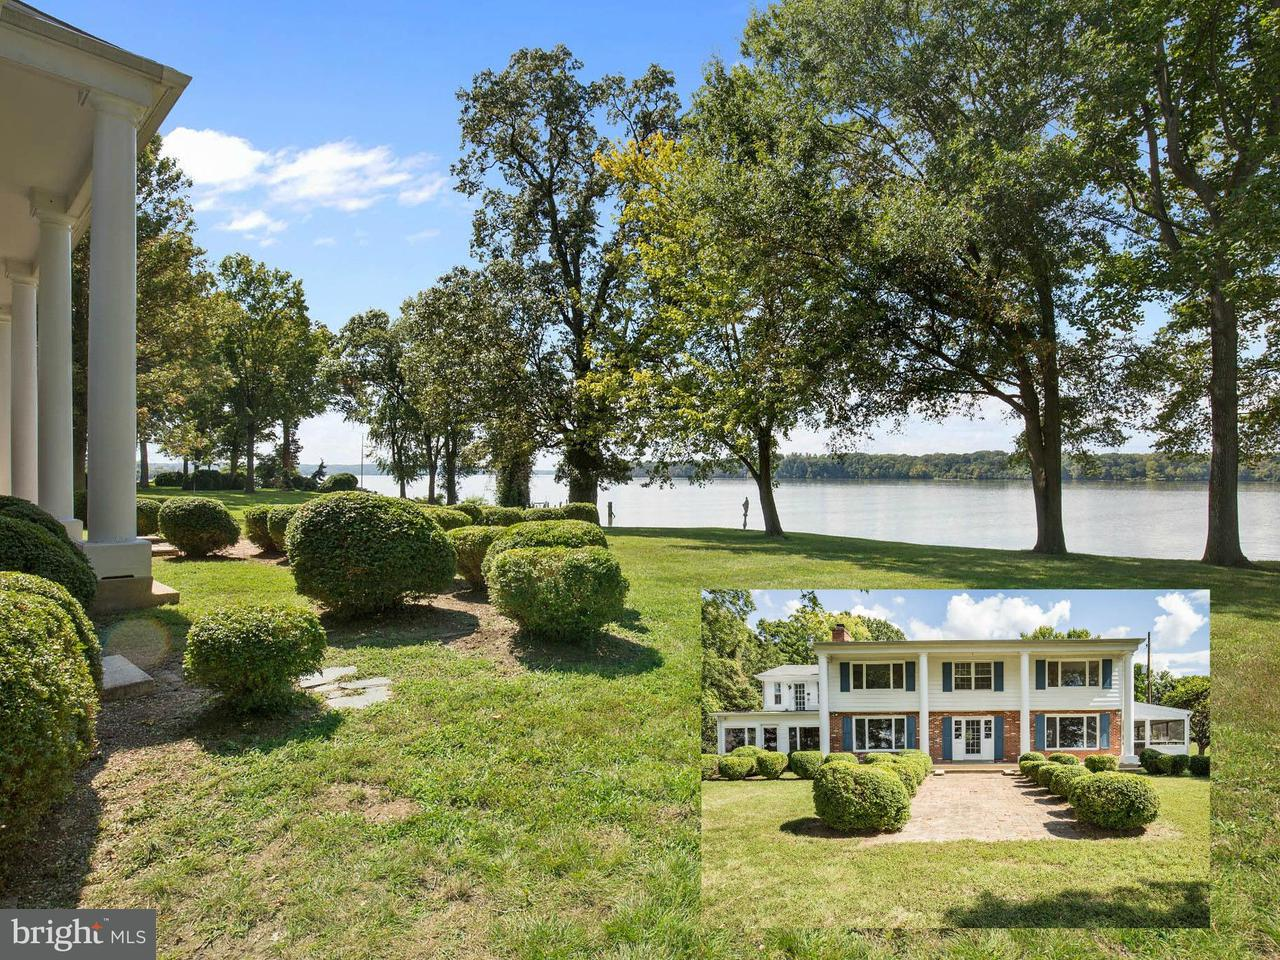 獨棟家庭住宅 為 出售 在 12301 HATTON POINT Road 12301 HATTON POINT Road Fort Washington, 馬里蘭州 20744 美國